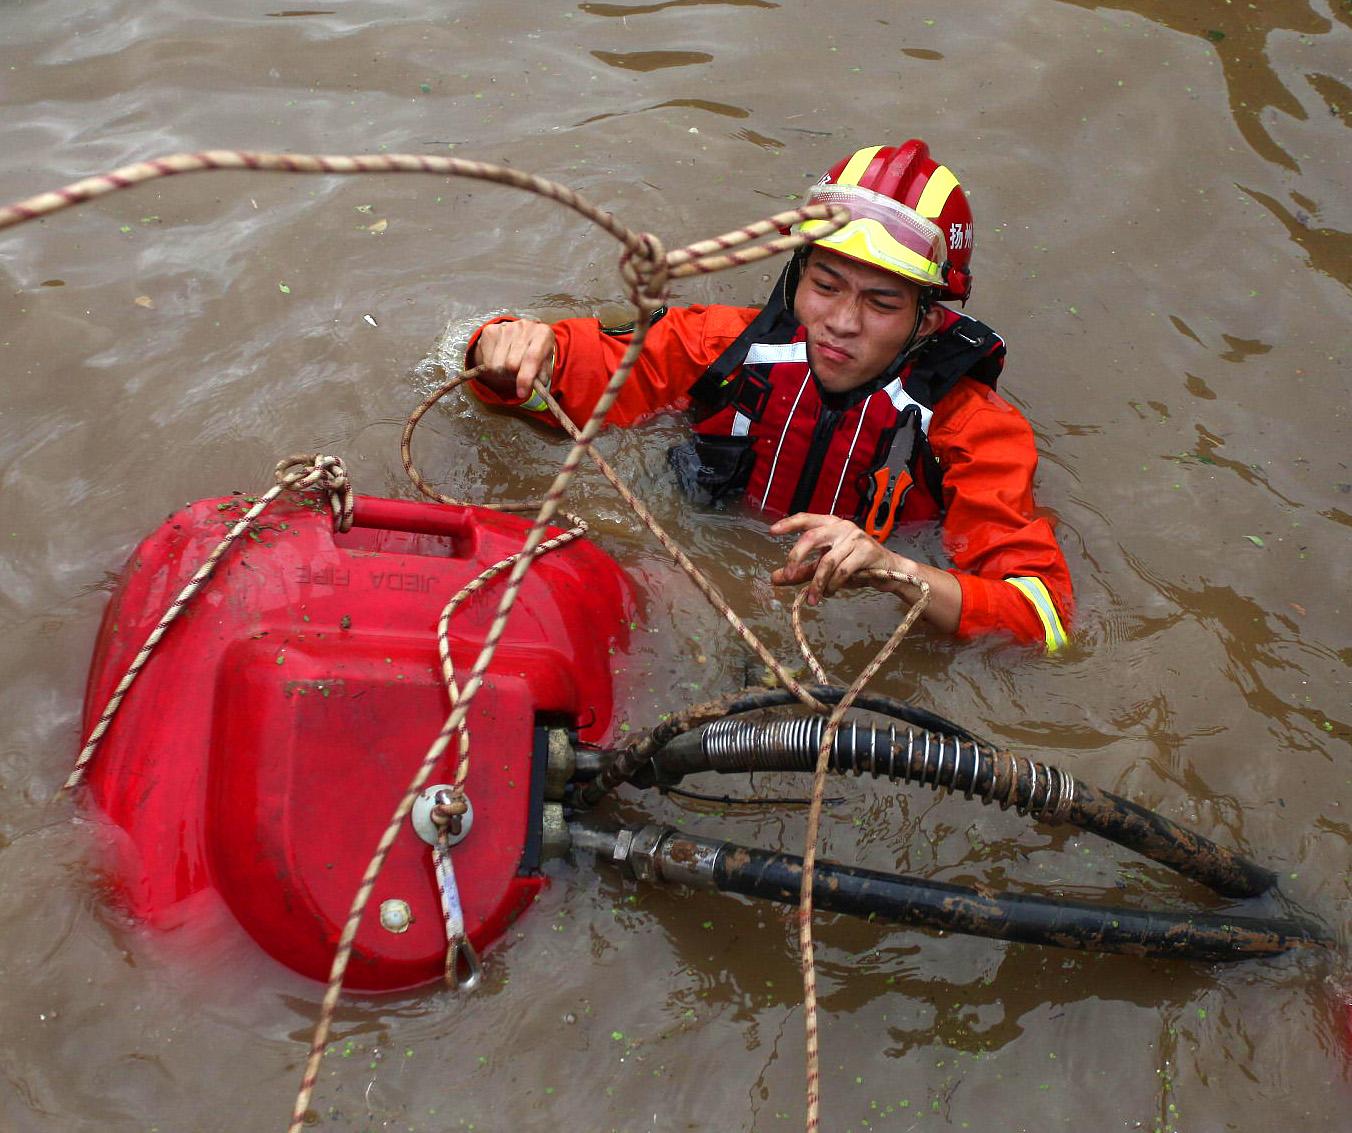 抗洪侧记丨洪灾面前,有一种使命不负那一抹橙